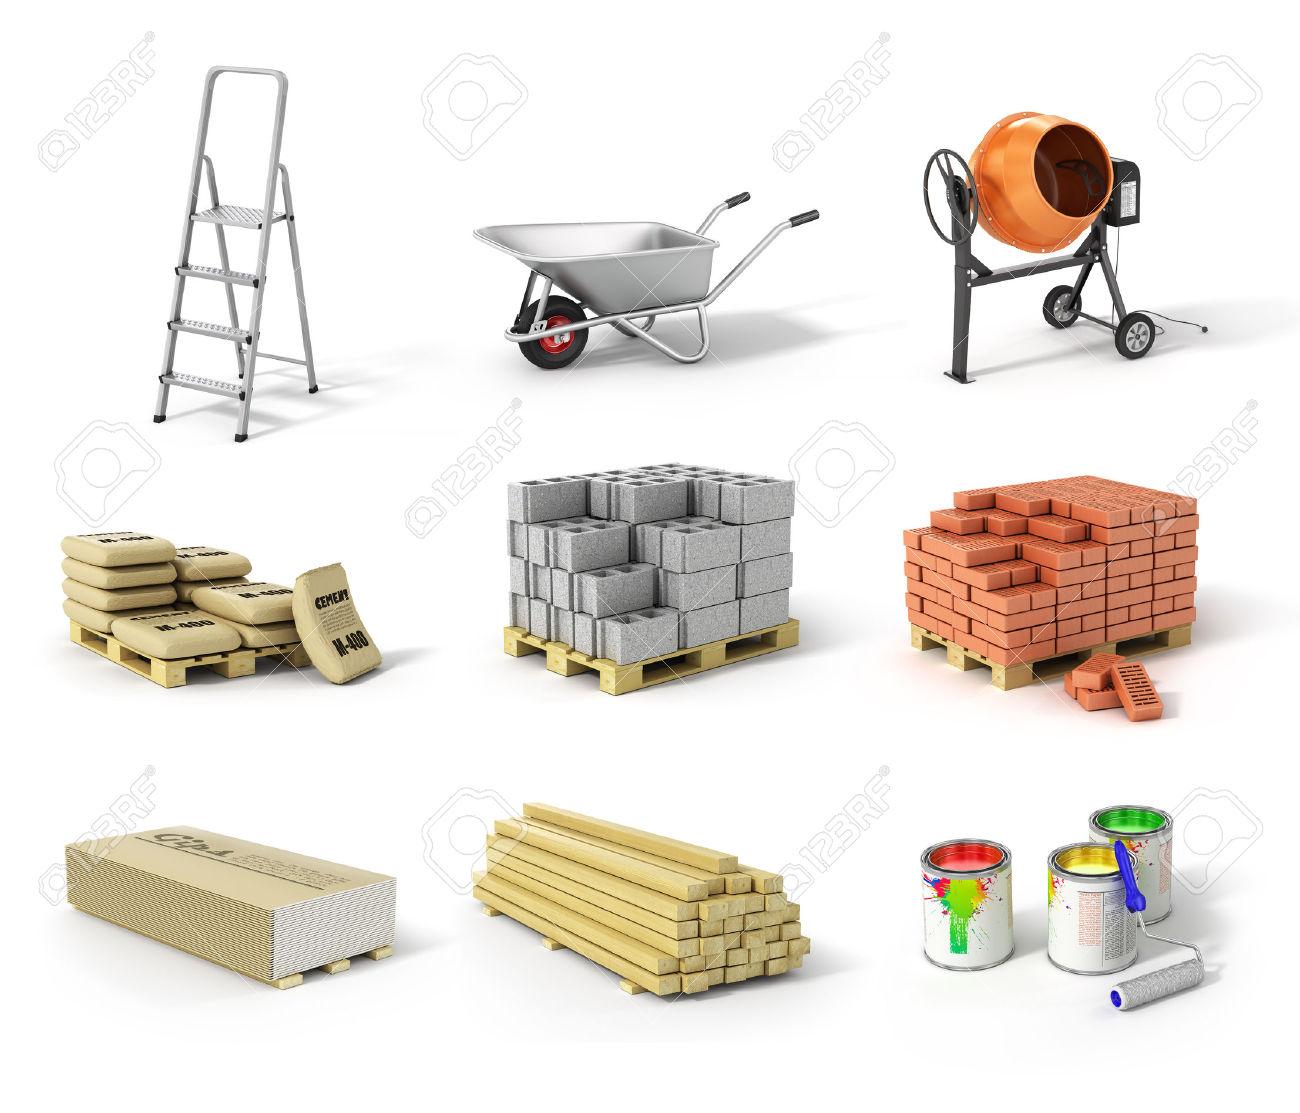 Materiales de construcci n im genes de tipos de materiales - Material de construccion ...